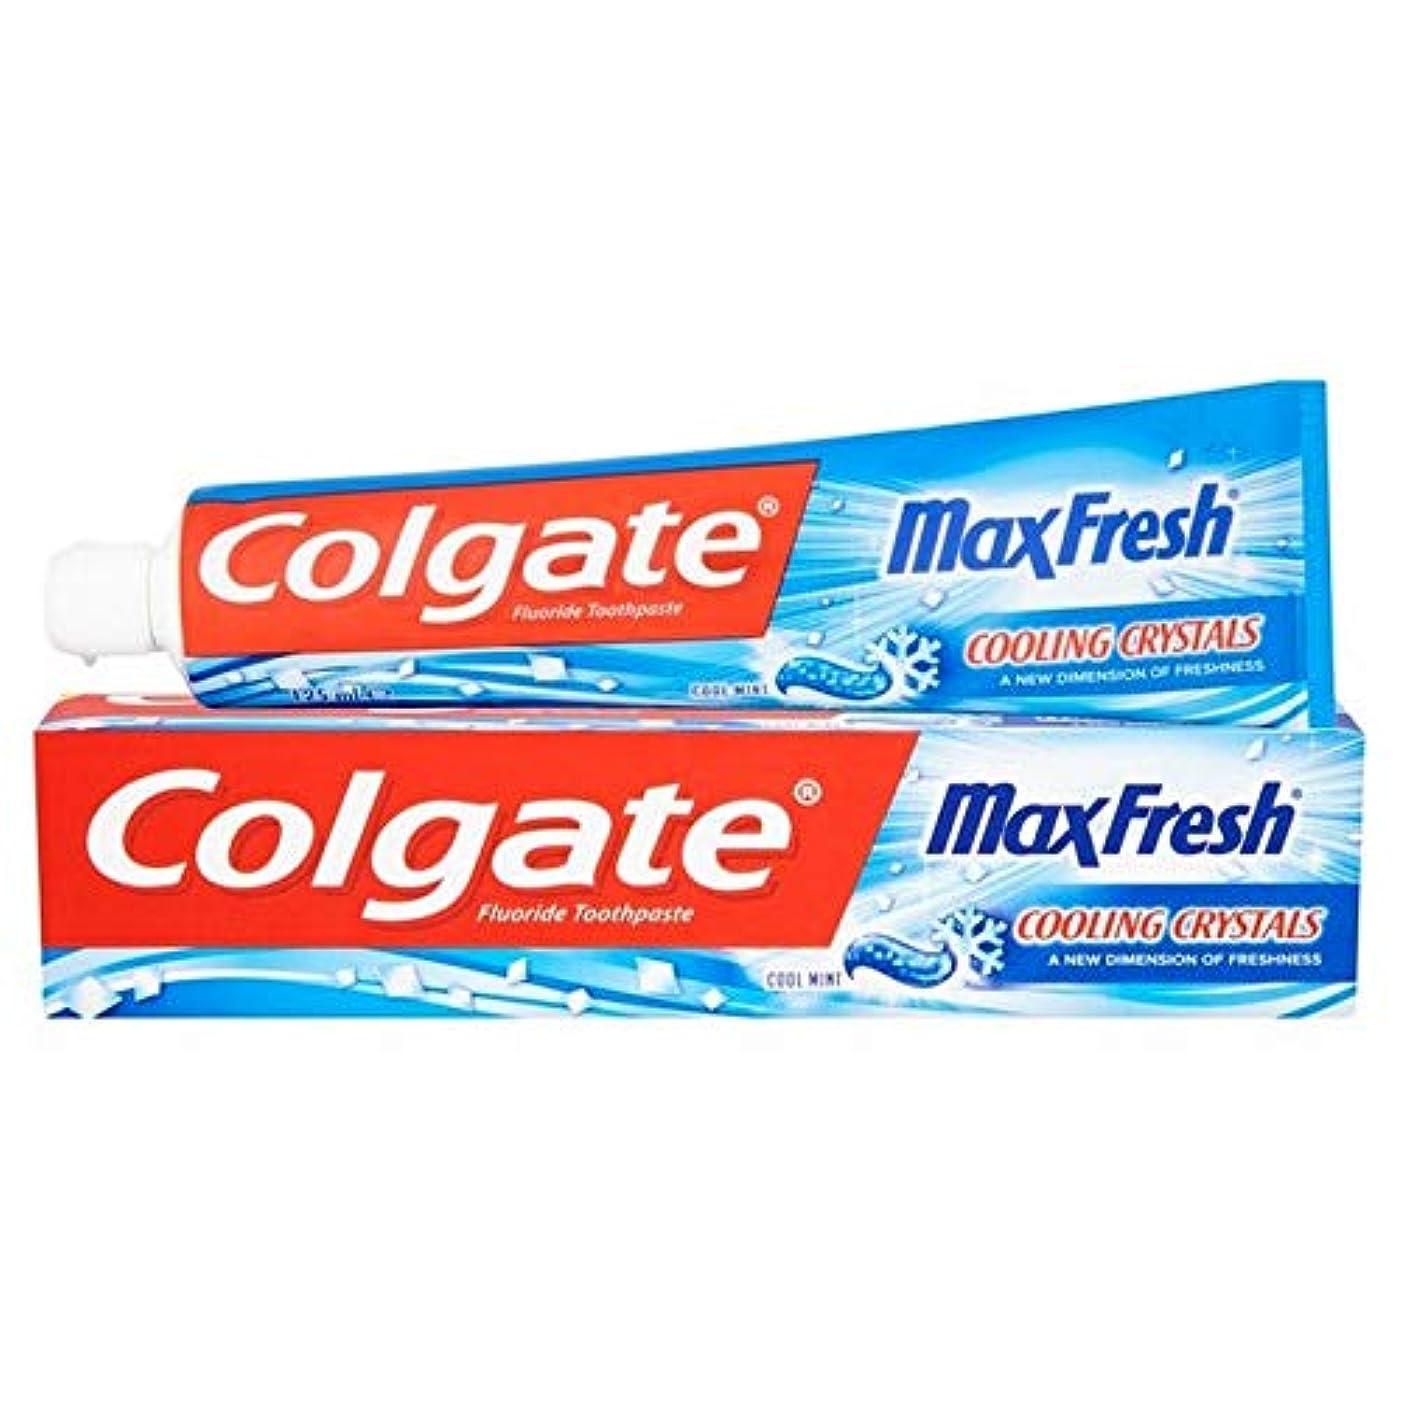 救い補足採用[Colgate ] 冷却結晶歯磨き粉の125ミリリットル新鮮なコルゲートマックス - Colgate Max Fresh with Cooling Crystals Toothpaste 125ml [並行輸入品]